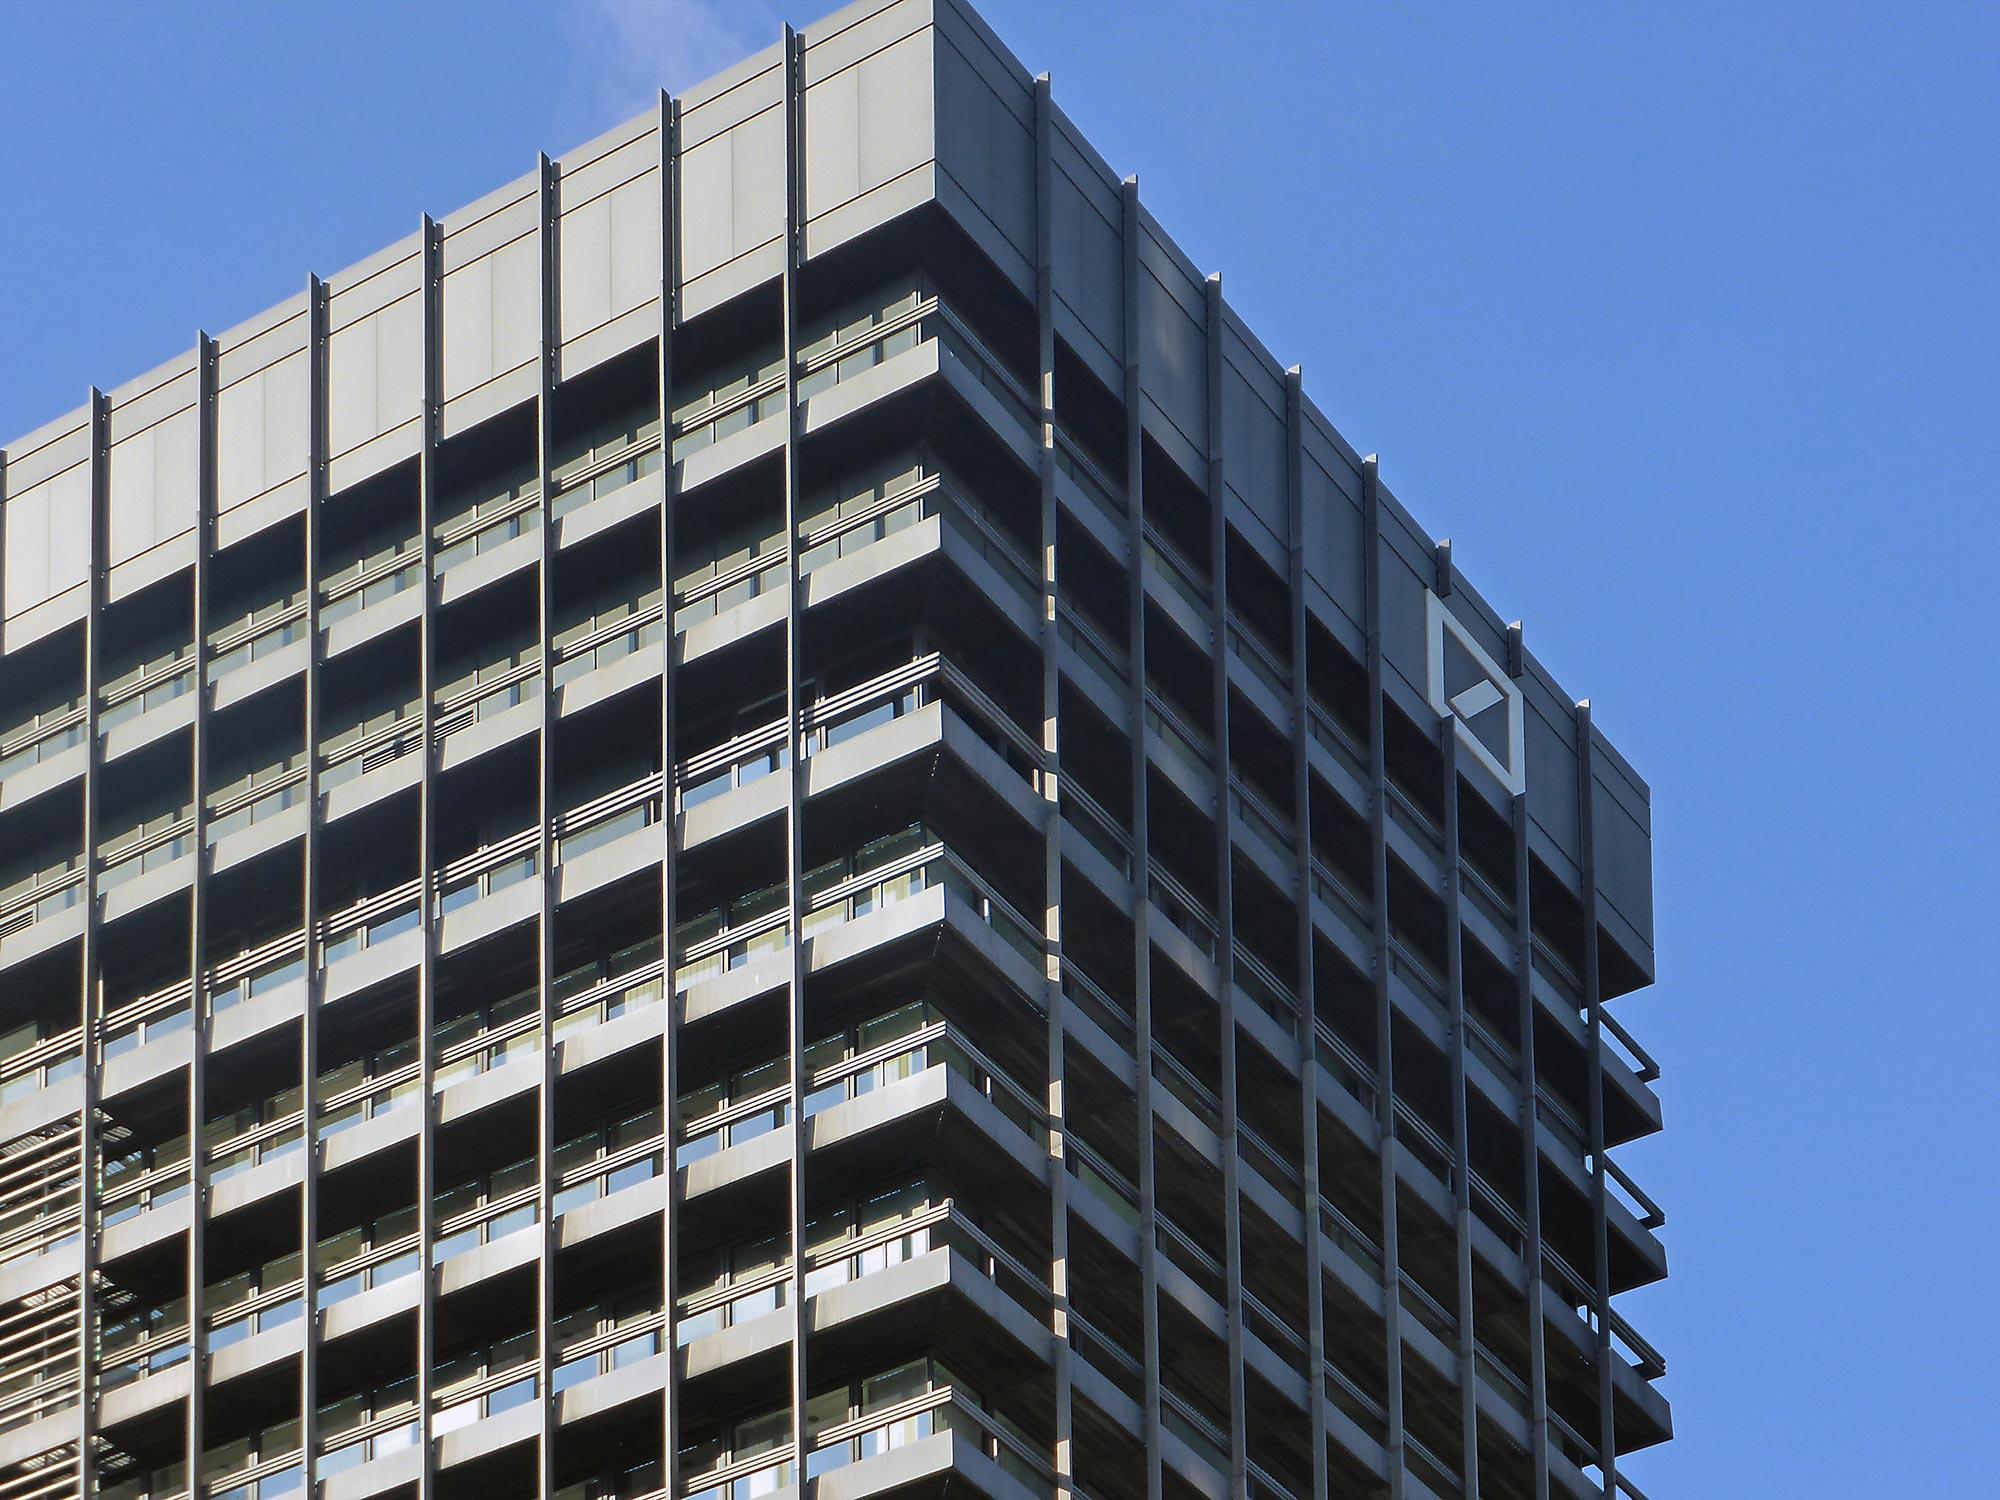 Frankfurt Deutsche Bank Hochhaus im Bankenviertel - abgerissen 2018